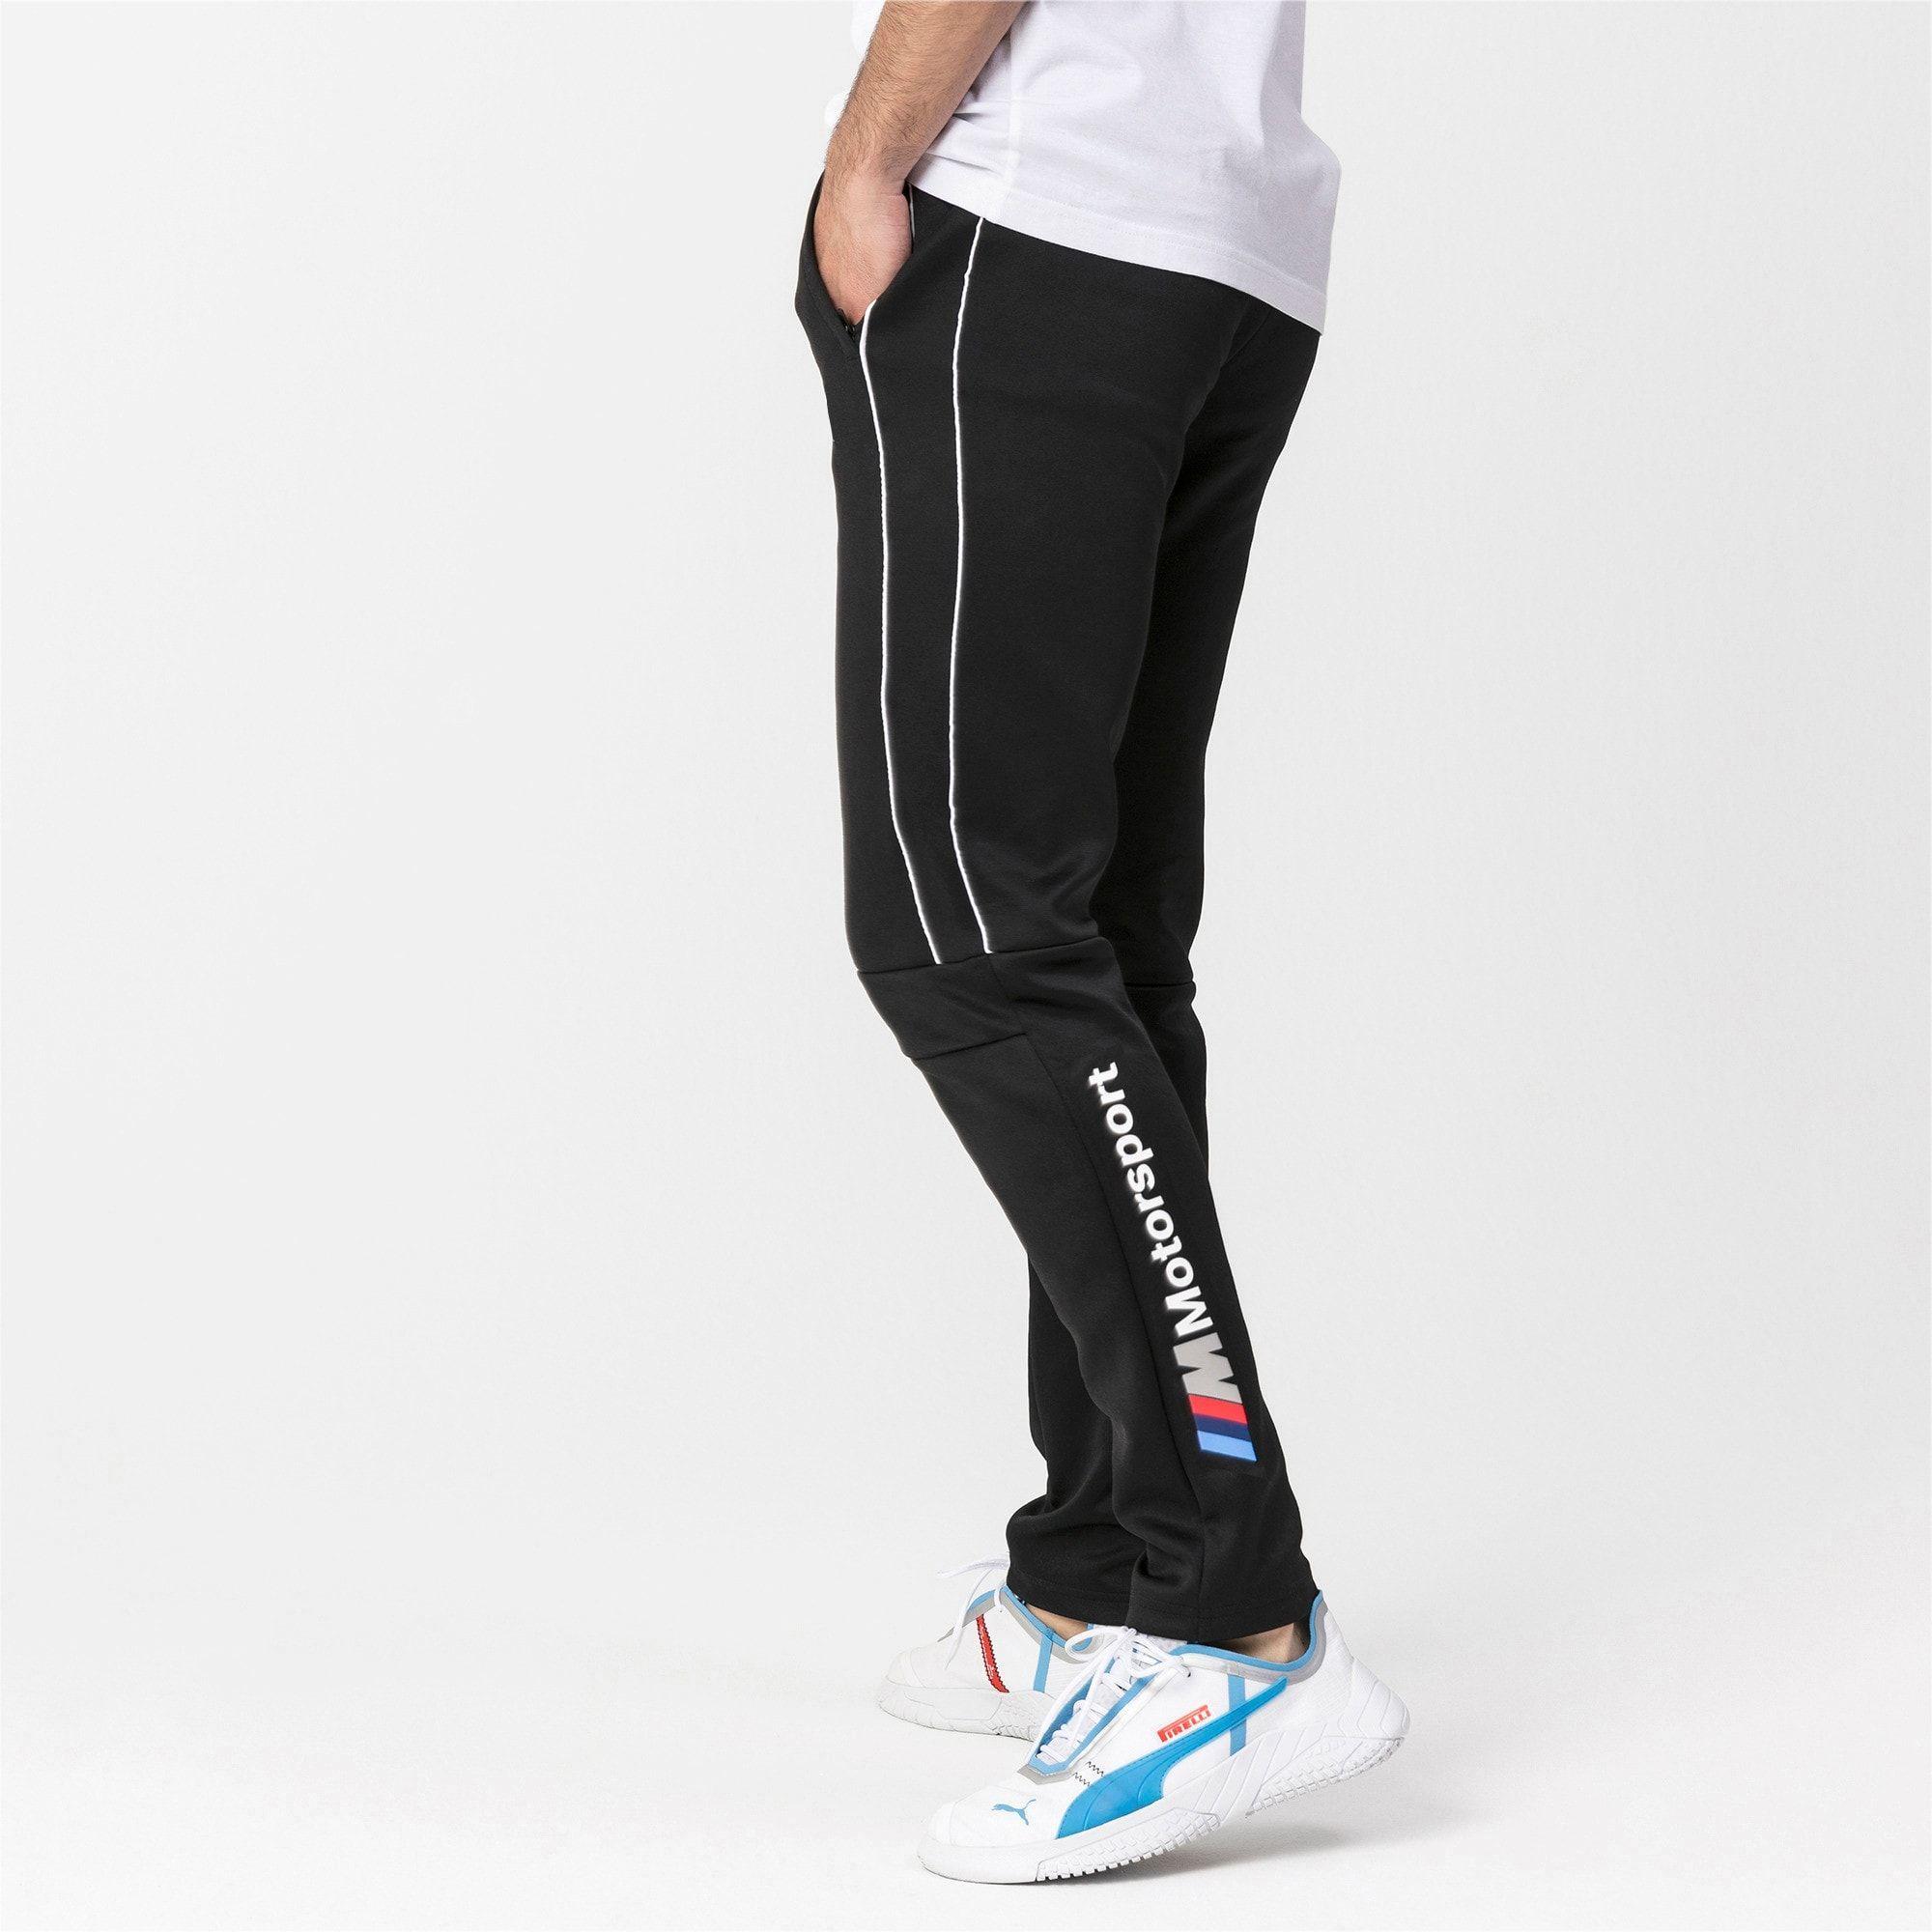 Puma Pantalon De Survetement Bmw M Motorsport T7 Pour Homme Noir Taille Xs Vetements En 2020 Pantalon De Survetement Survetement Vetements